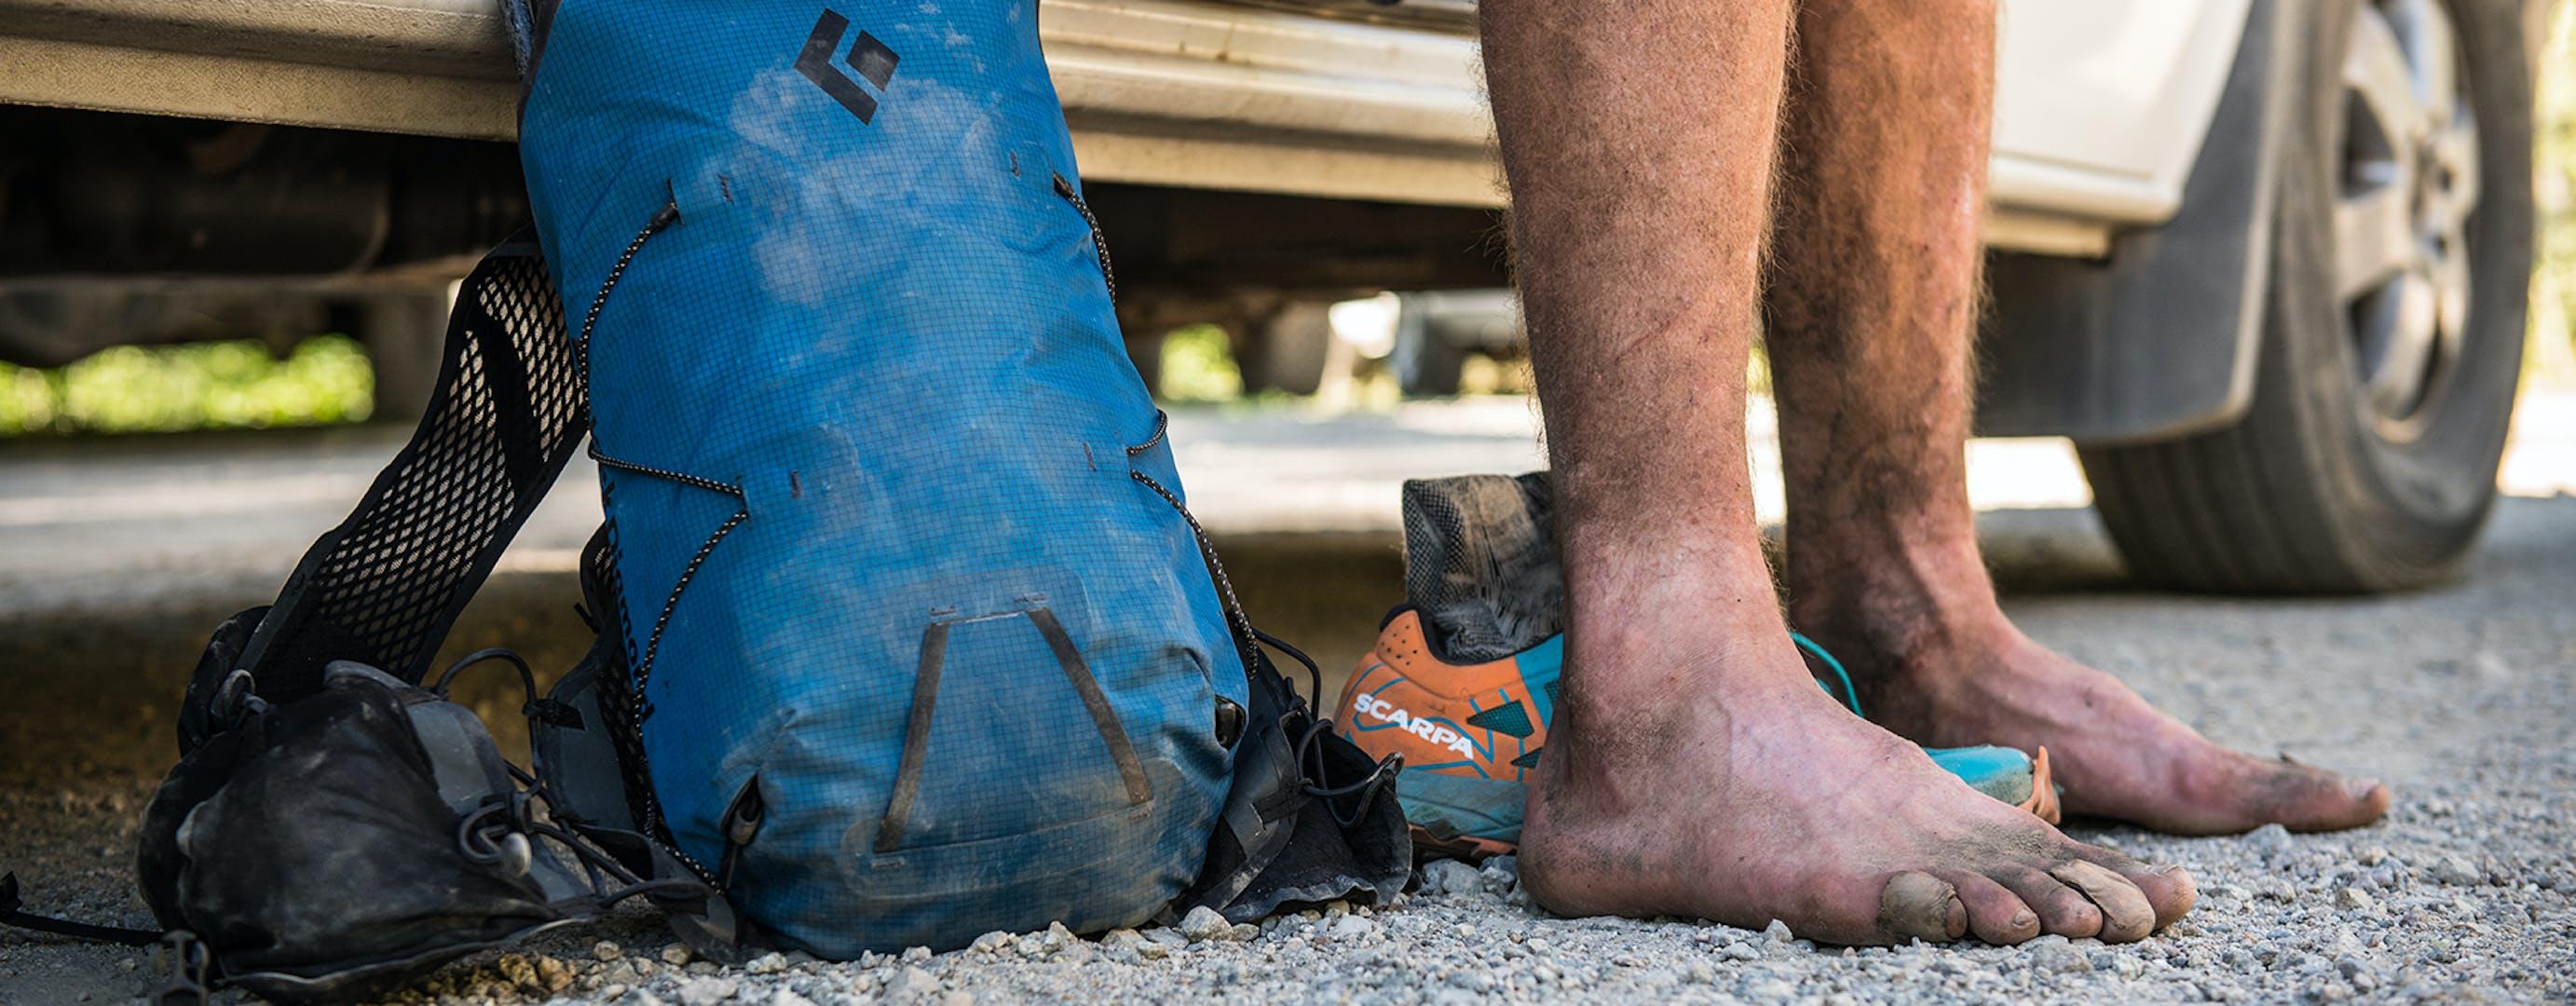 Joe Grants Gear and Feet.